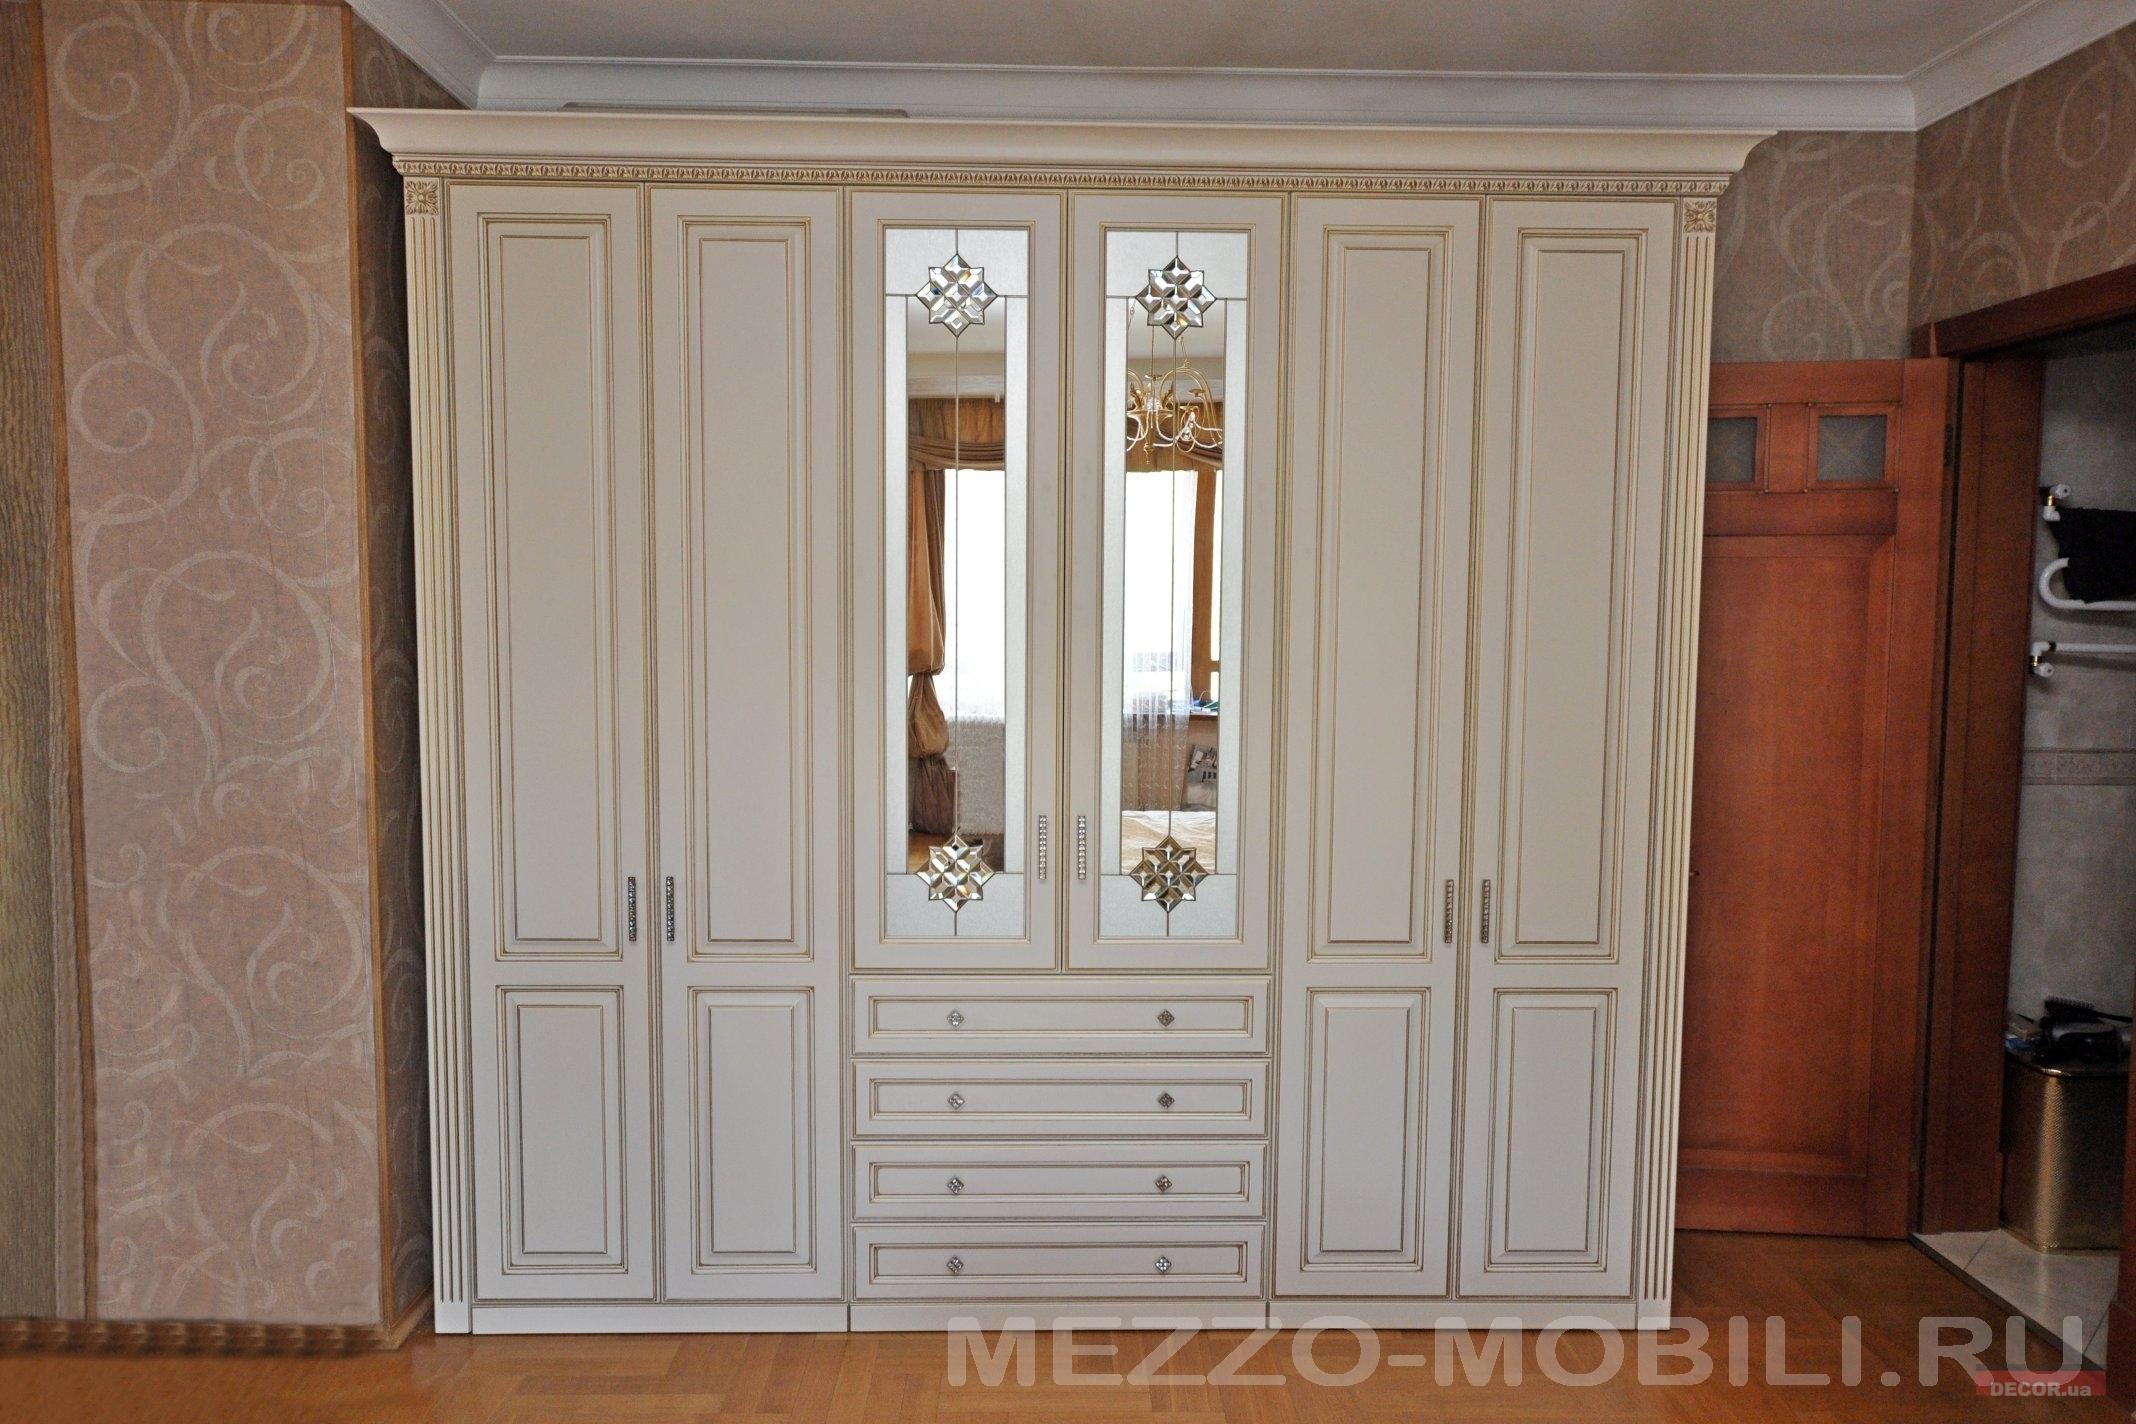 Купить классическую стенку в гостиную в москве.